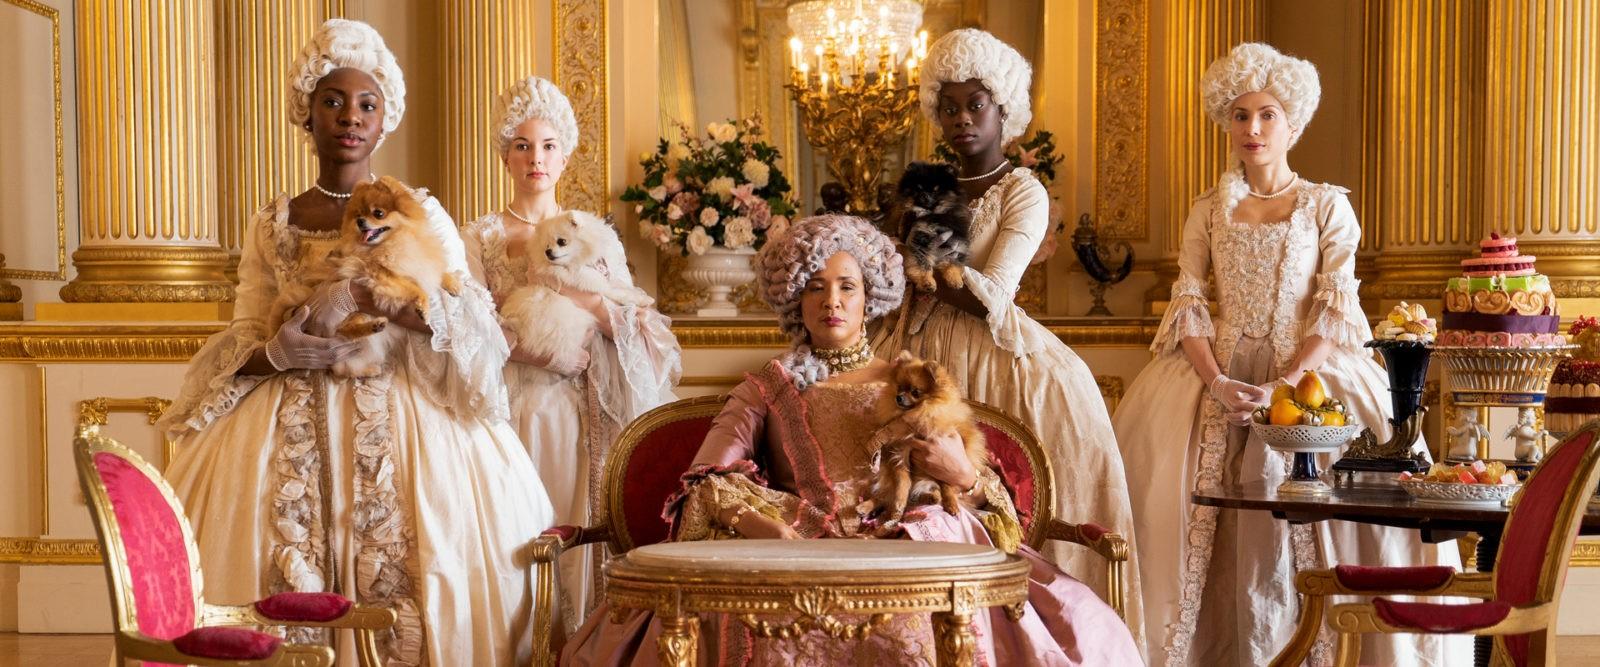 Netflix заказал производство спин-оффа о Королеве Шарлотте